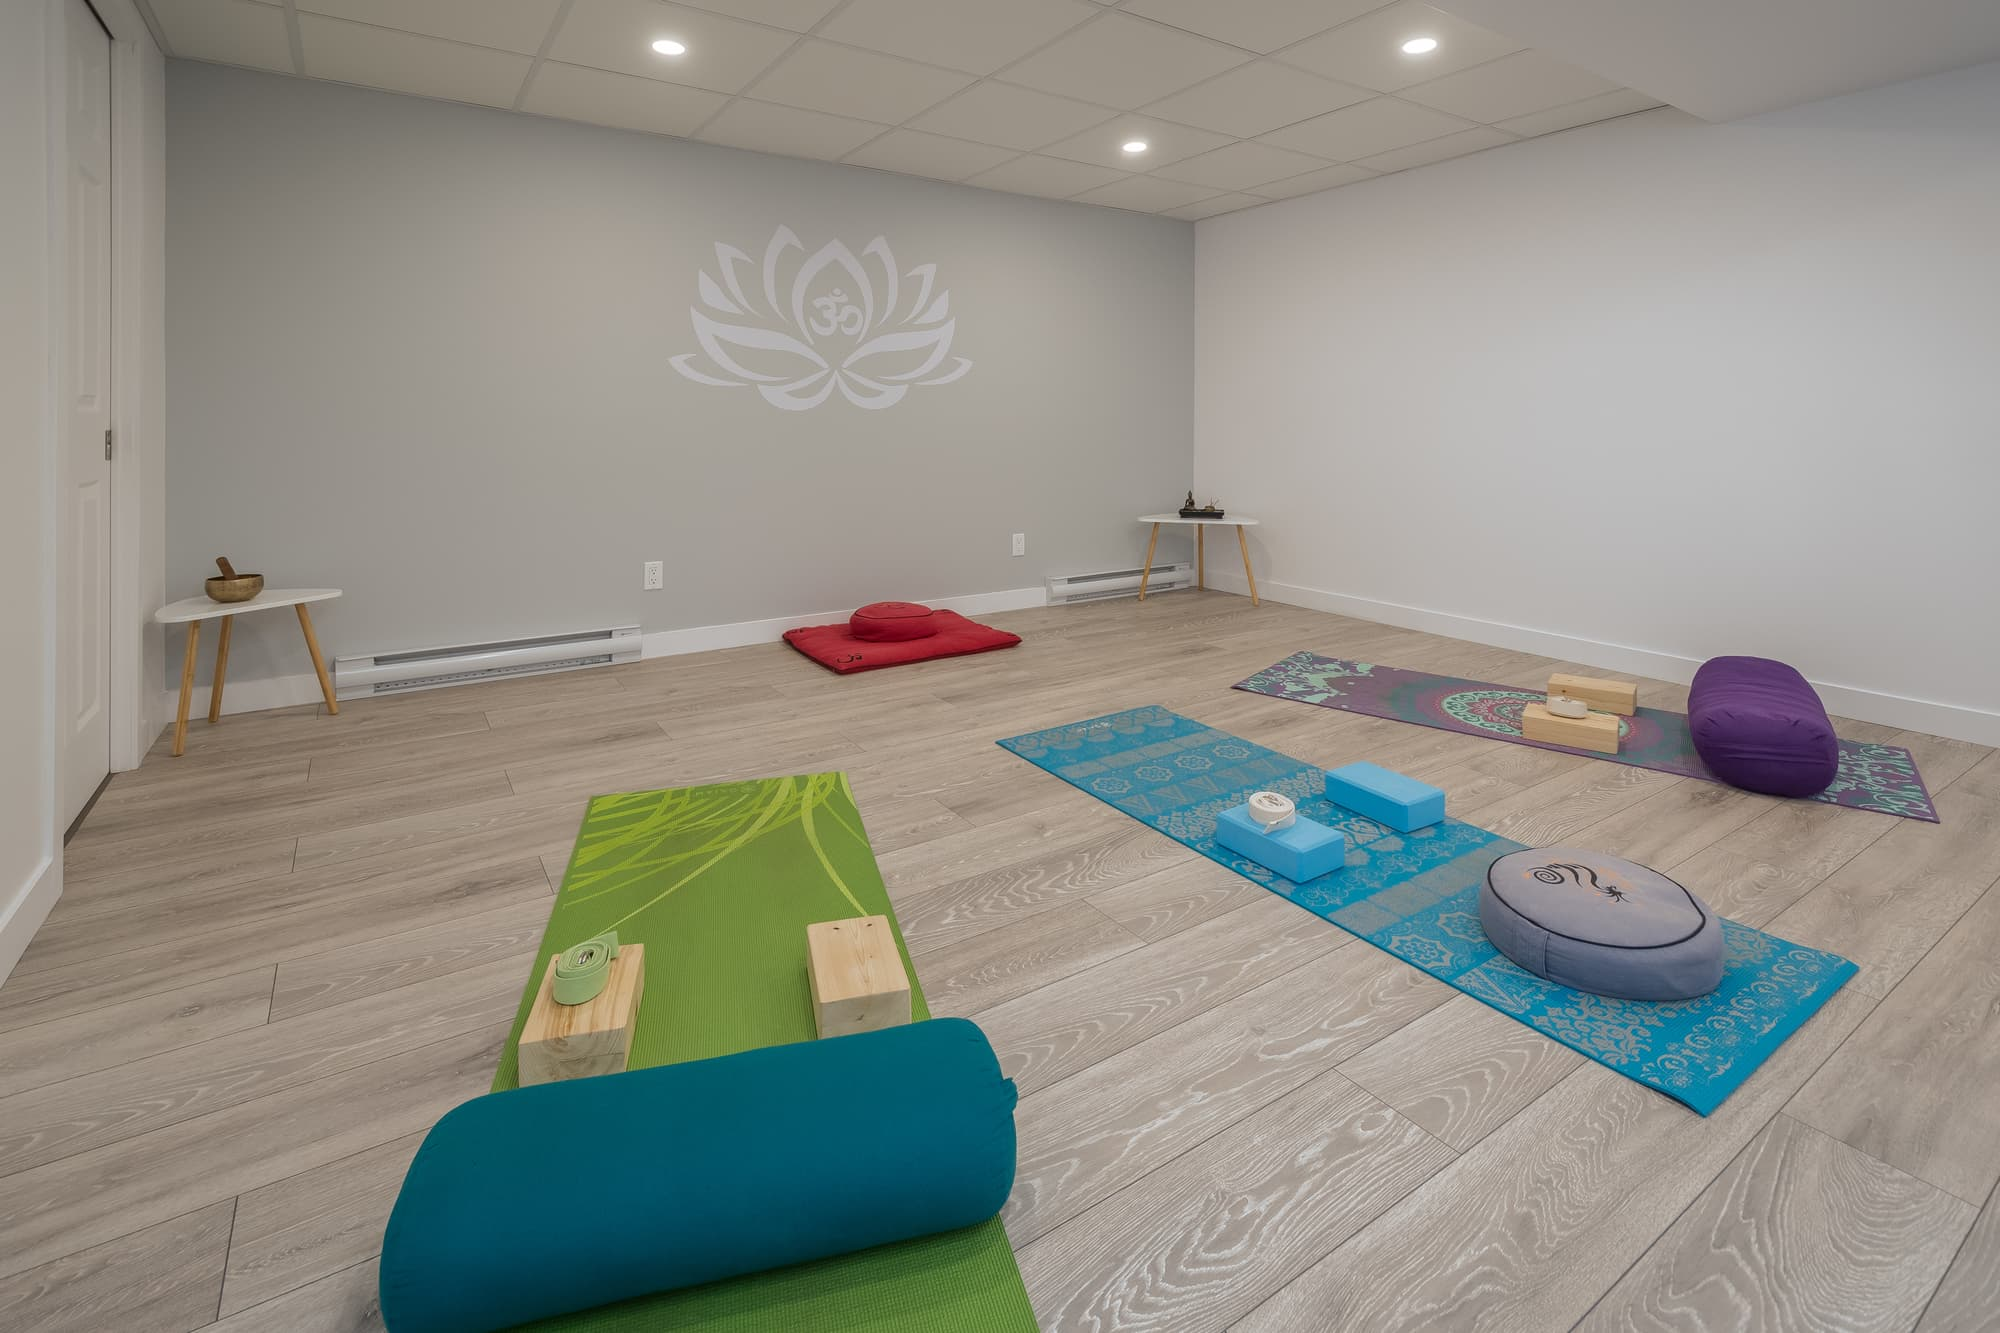 Aménager Une Salle De Yoga finition de sous-sol à québec avant/après | photos - idées